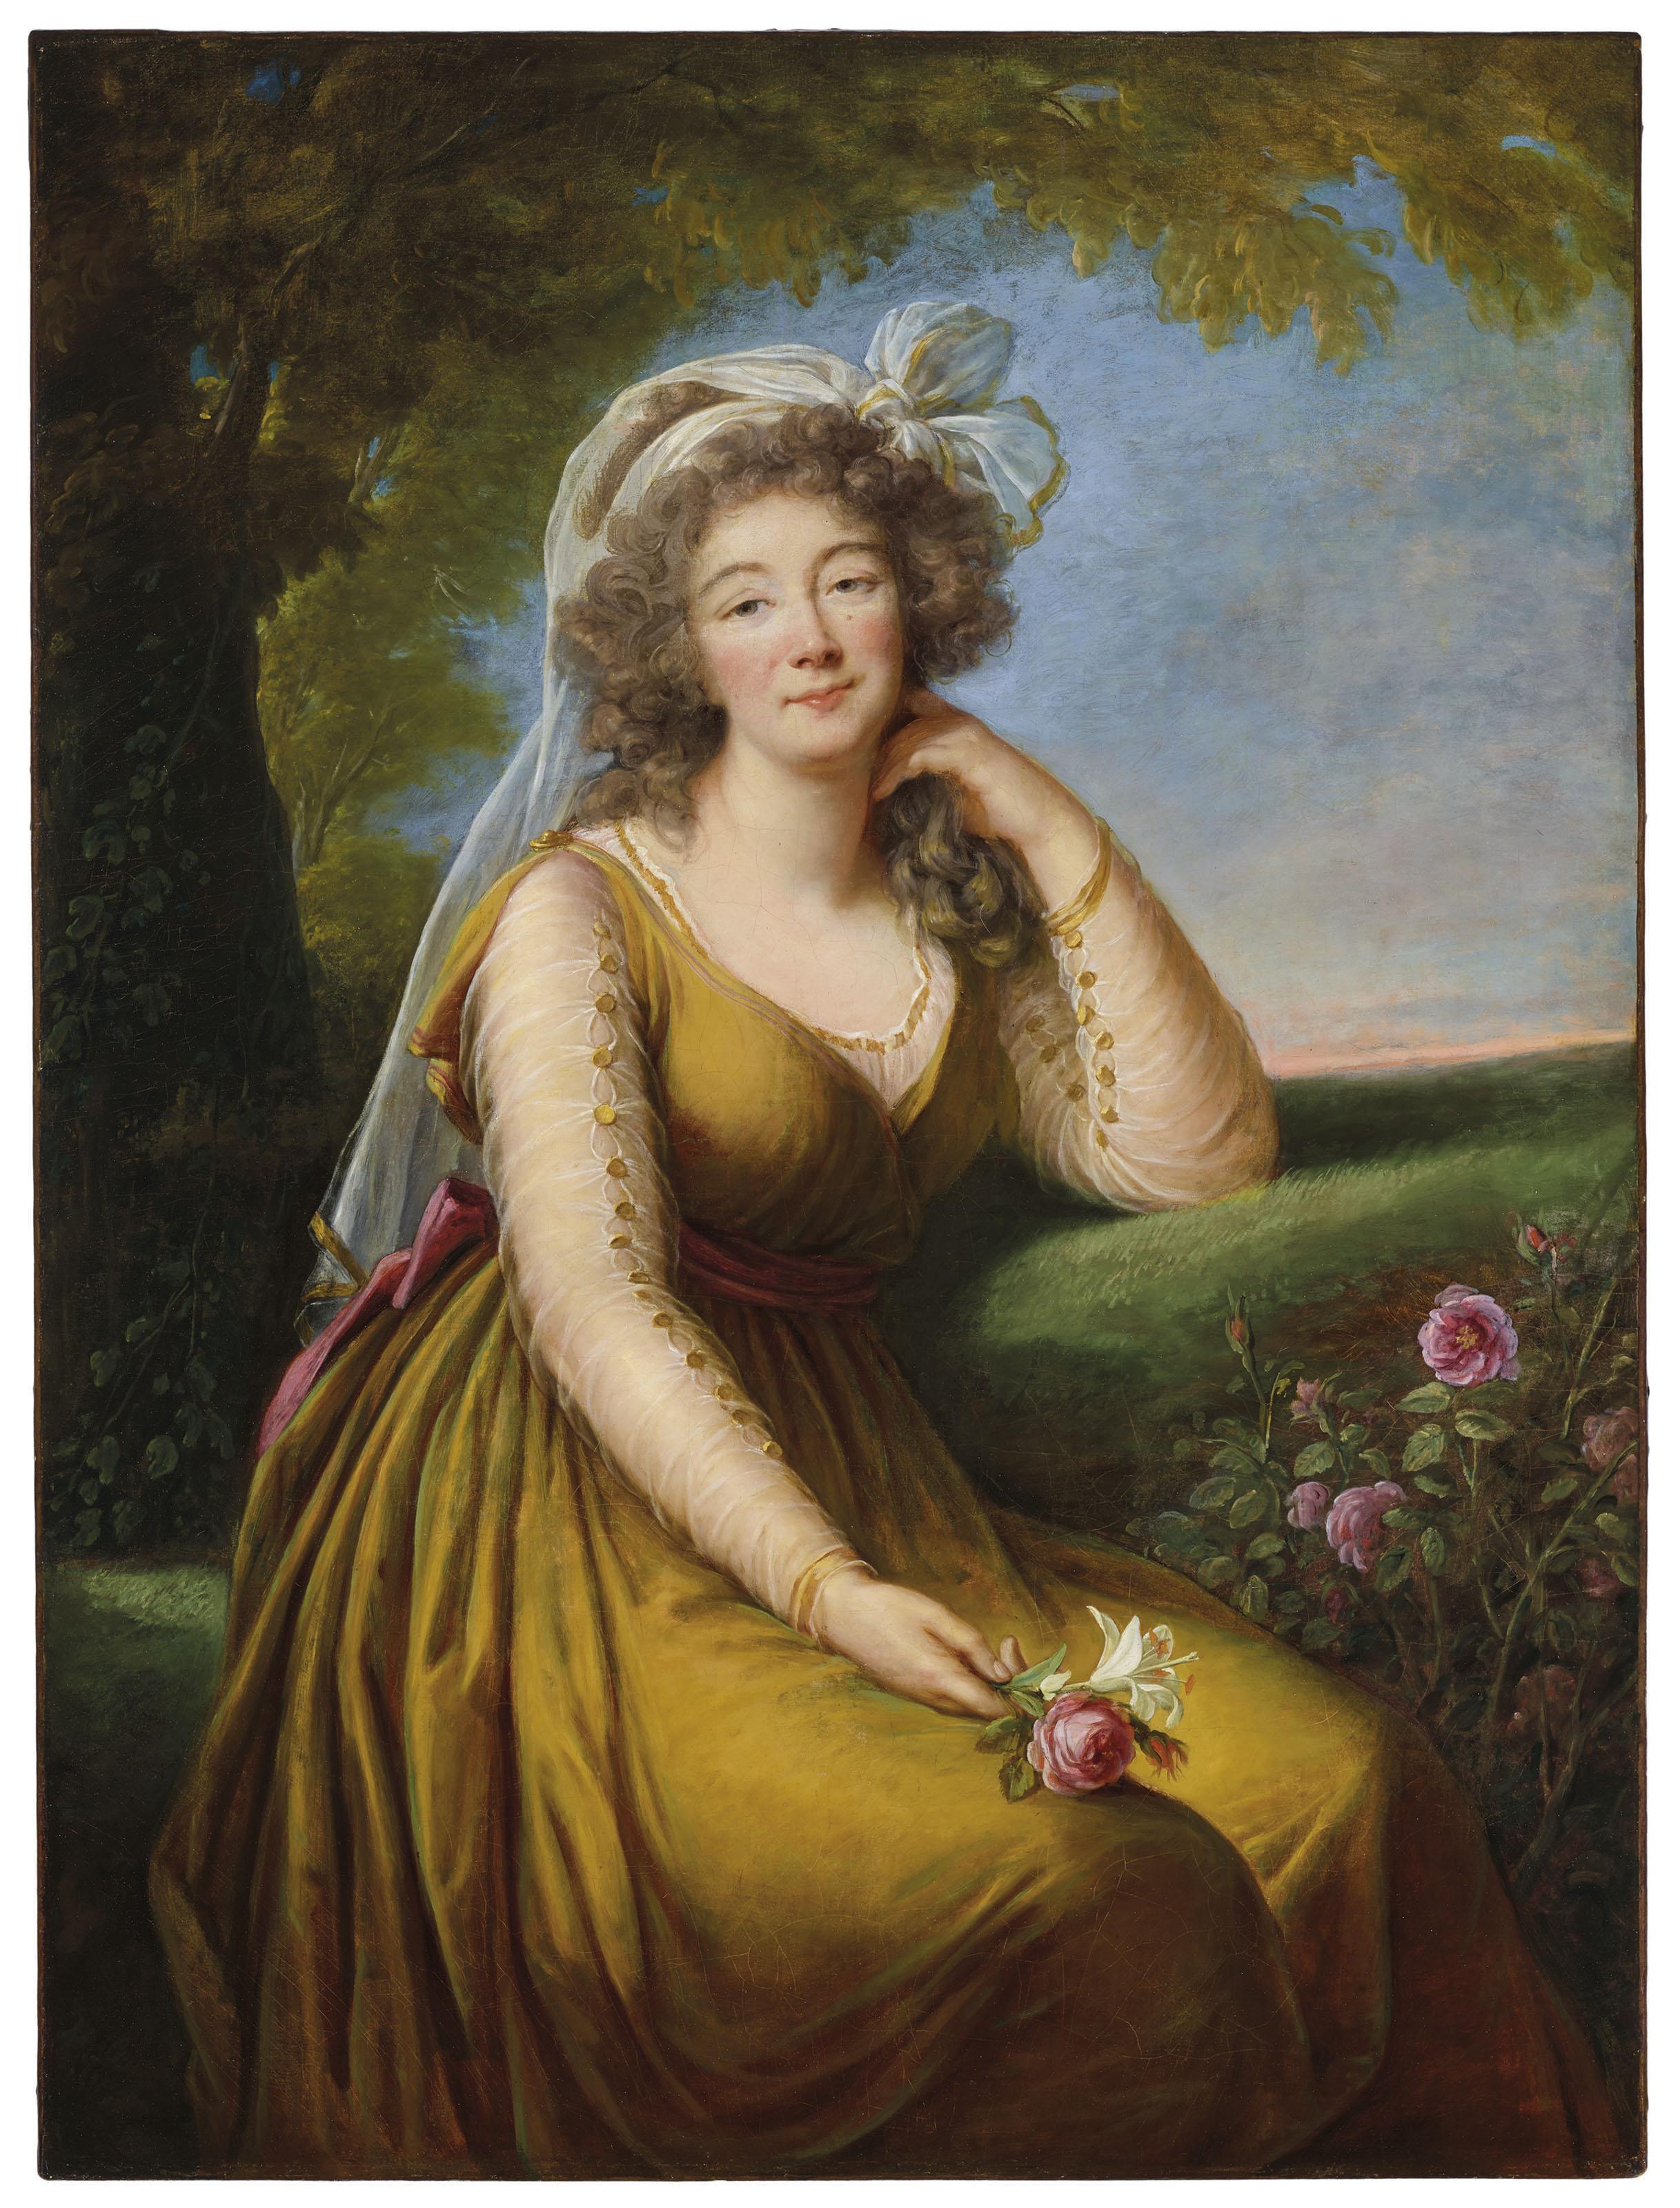 Élisabeth-Louise Vigée Le Brun (1755 Paris 1842), Portrait der Madame du Barry (1743-1793), 1789 | Foto: Christie's